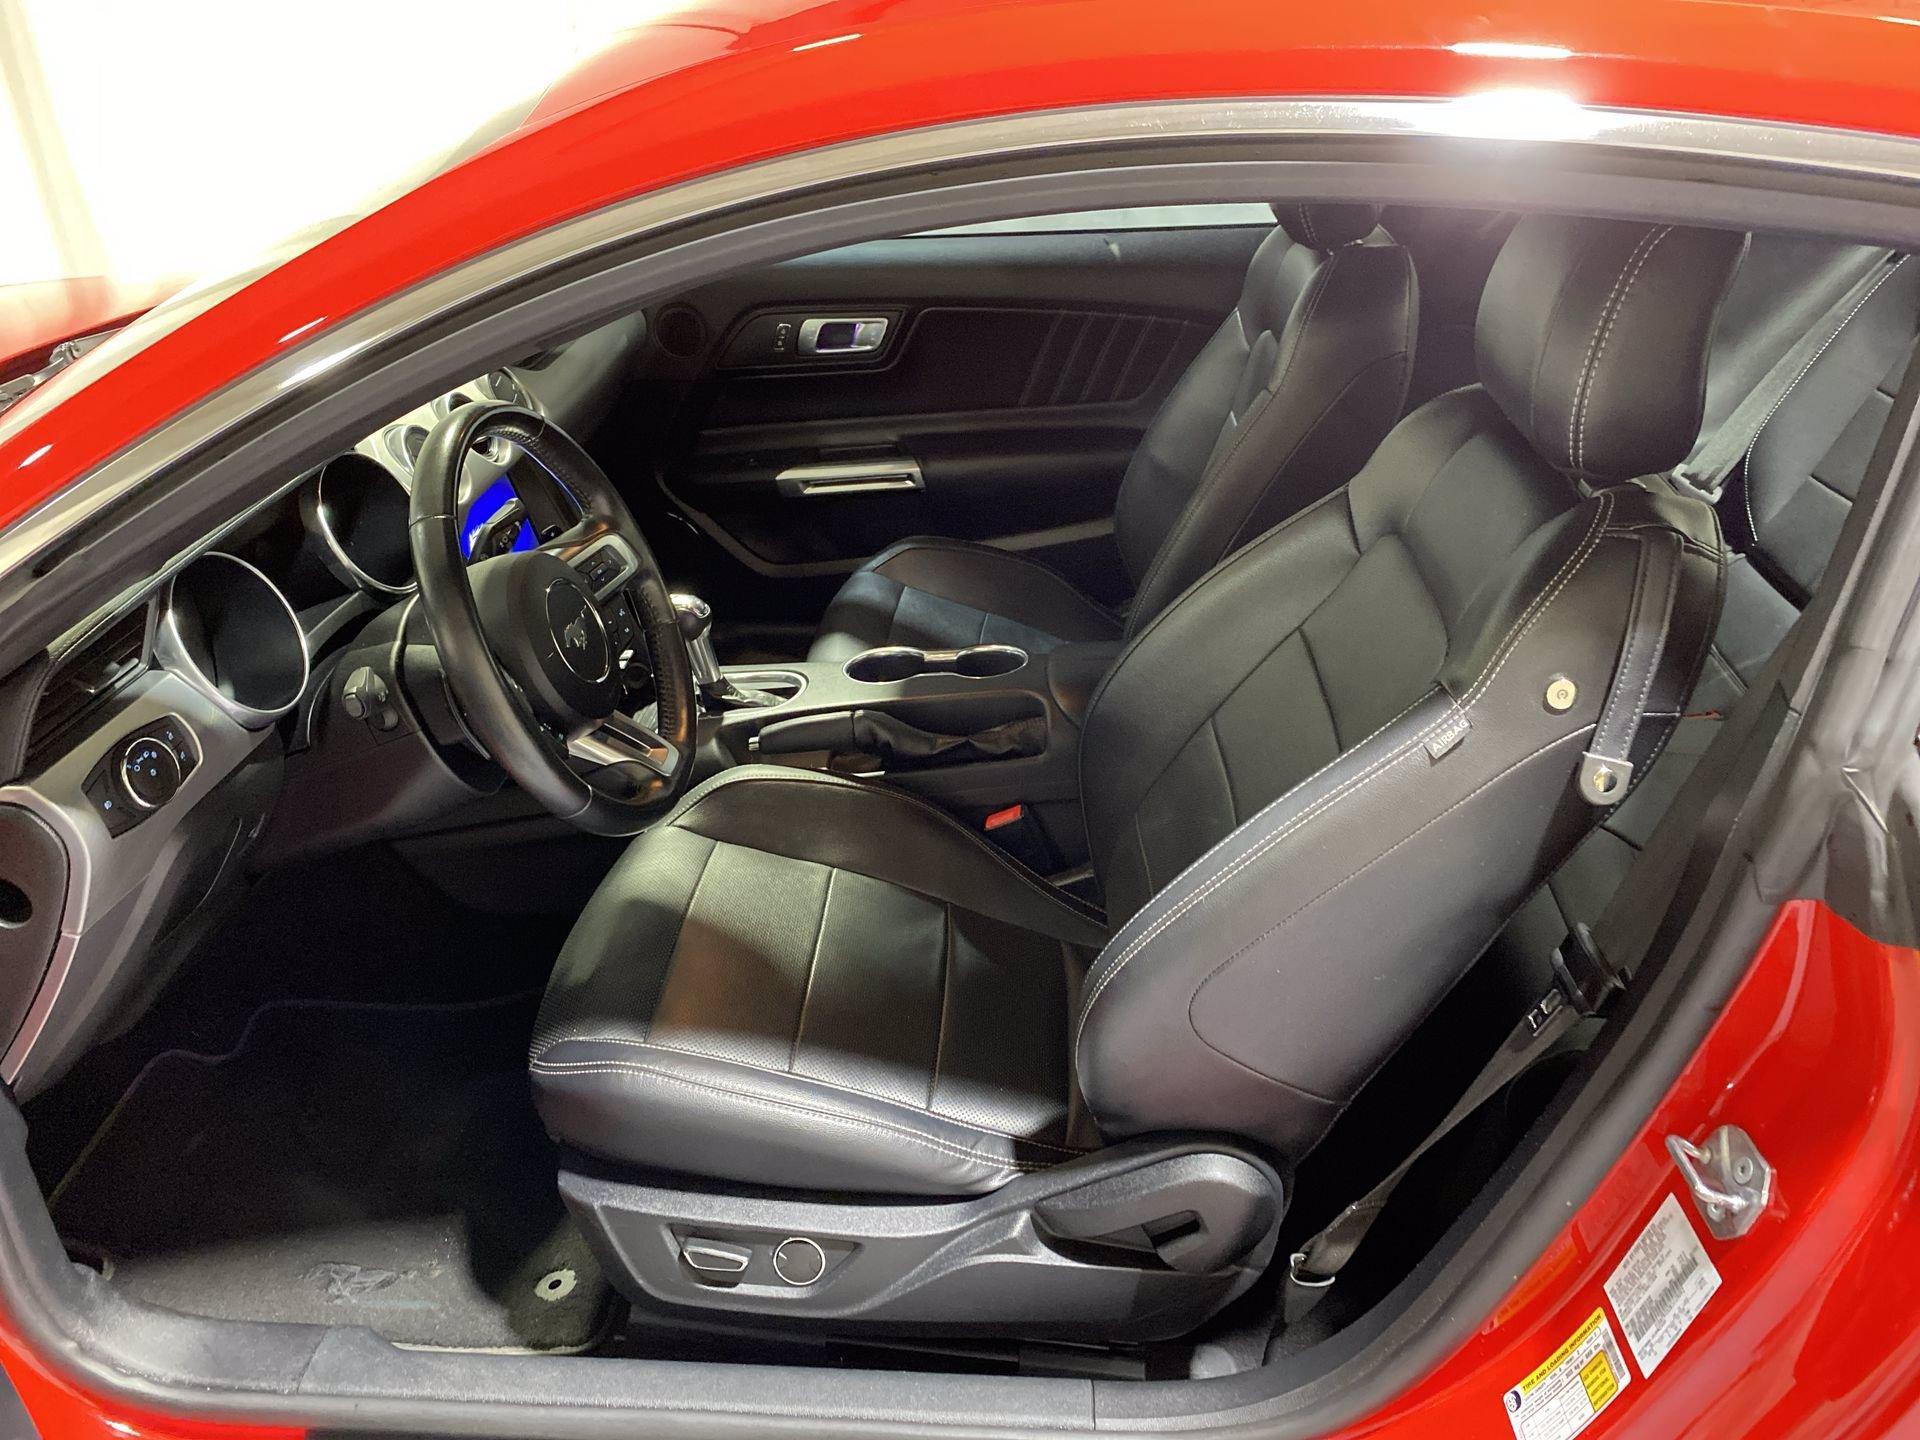 2019 Ford Mustang Premium